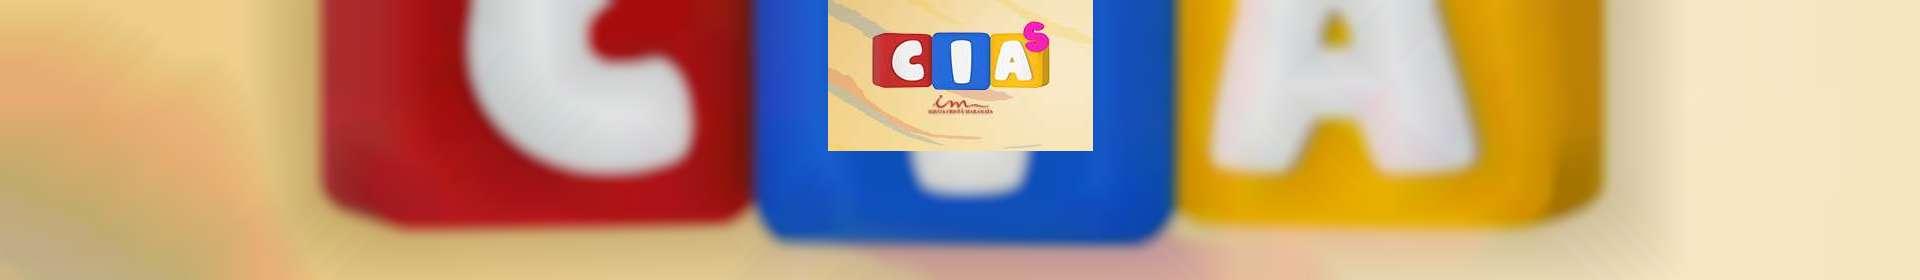 Aula de CIAS: classe de 7 a 11 anos - 07 de abril de 2020